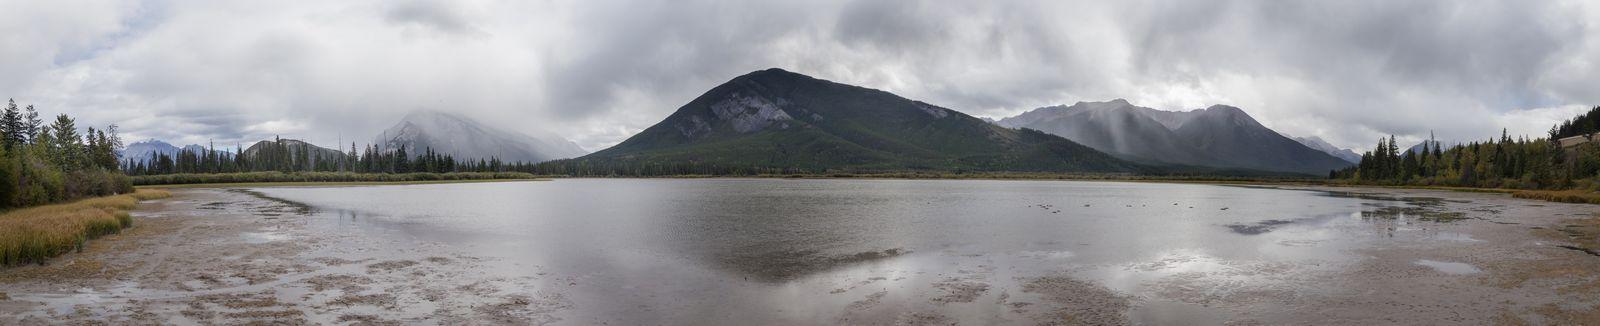 Último vistazo a Vermilion Lakes